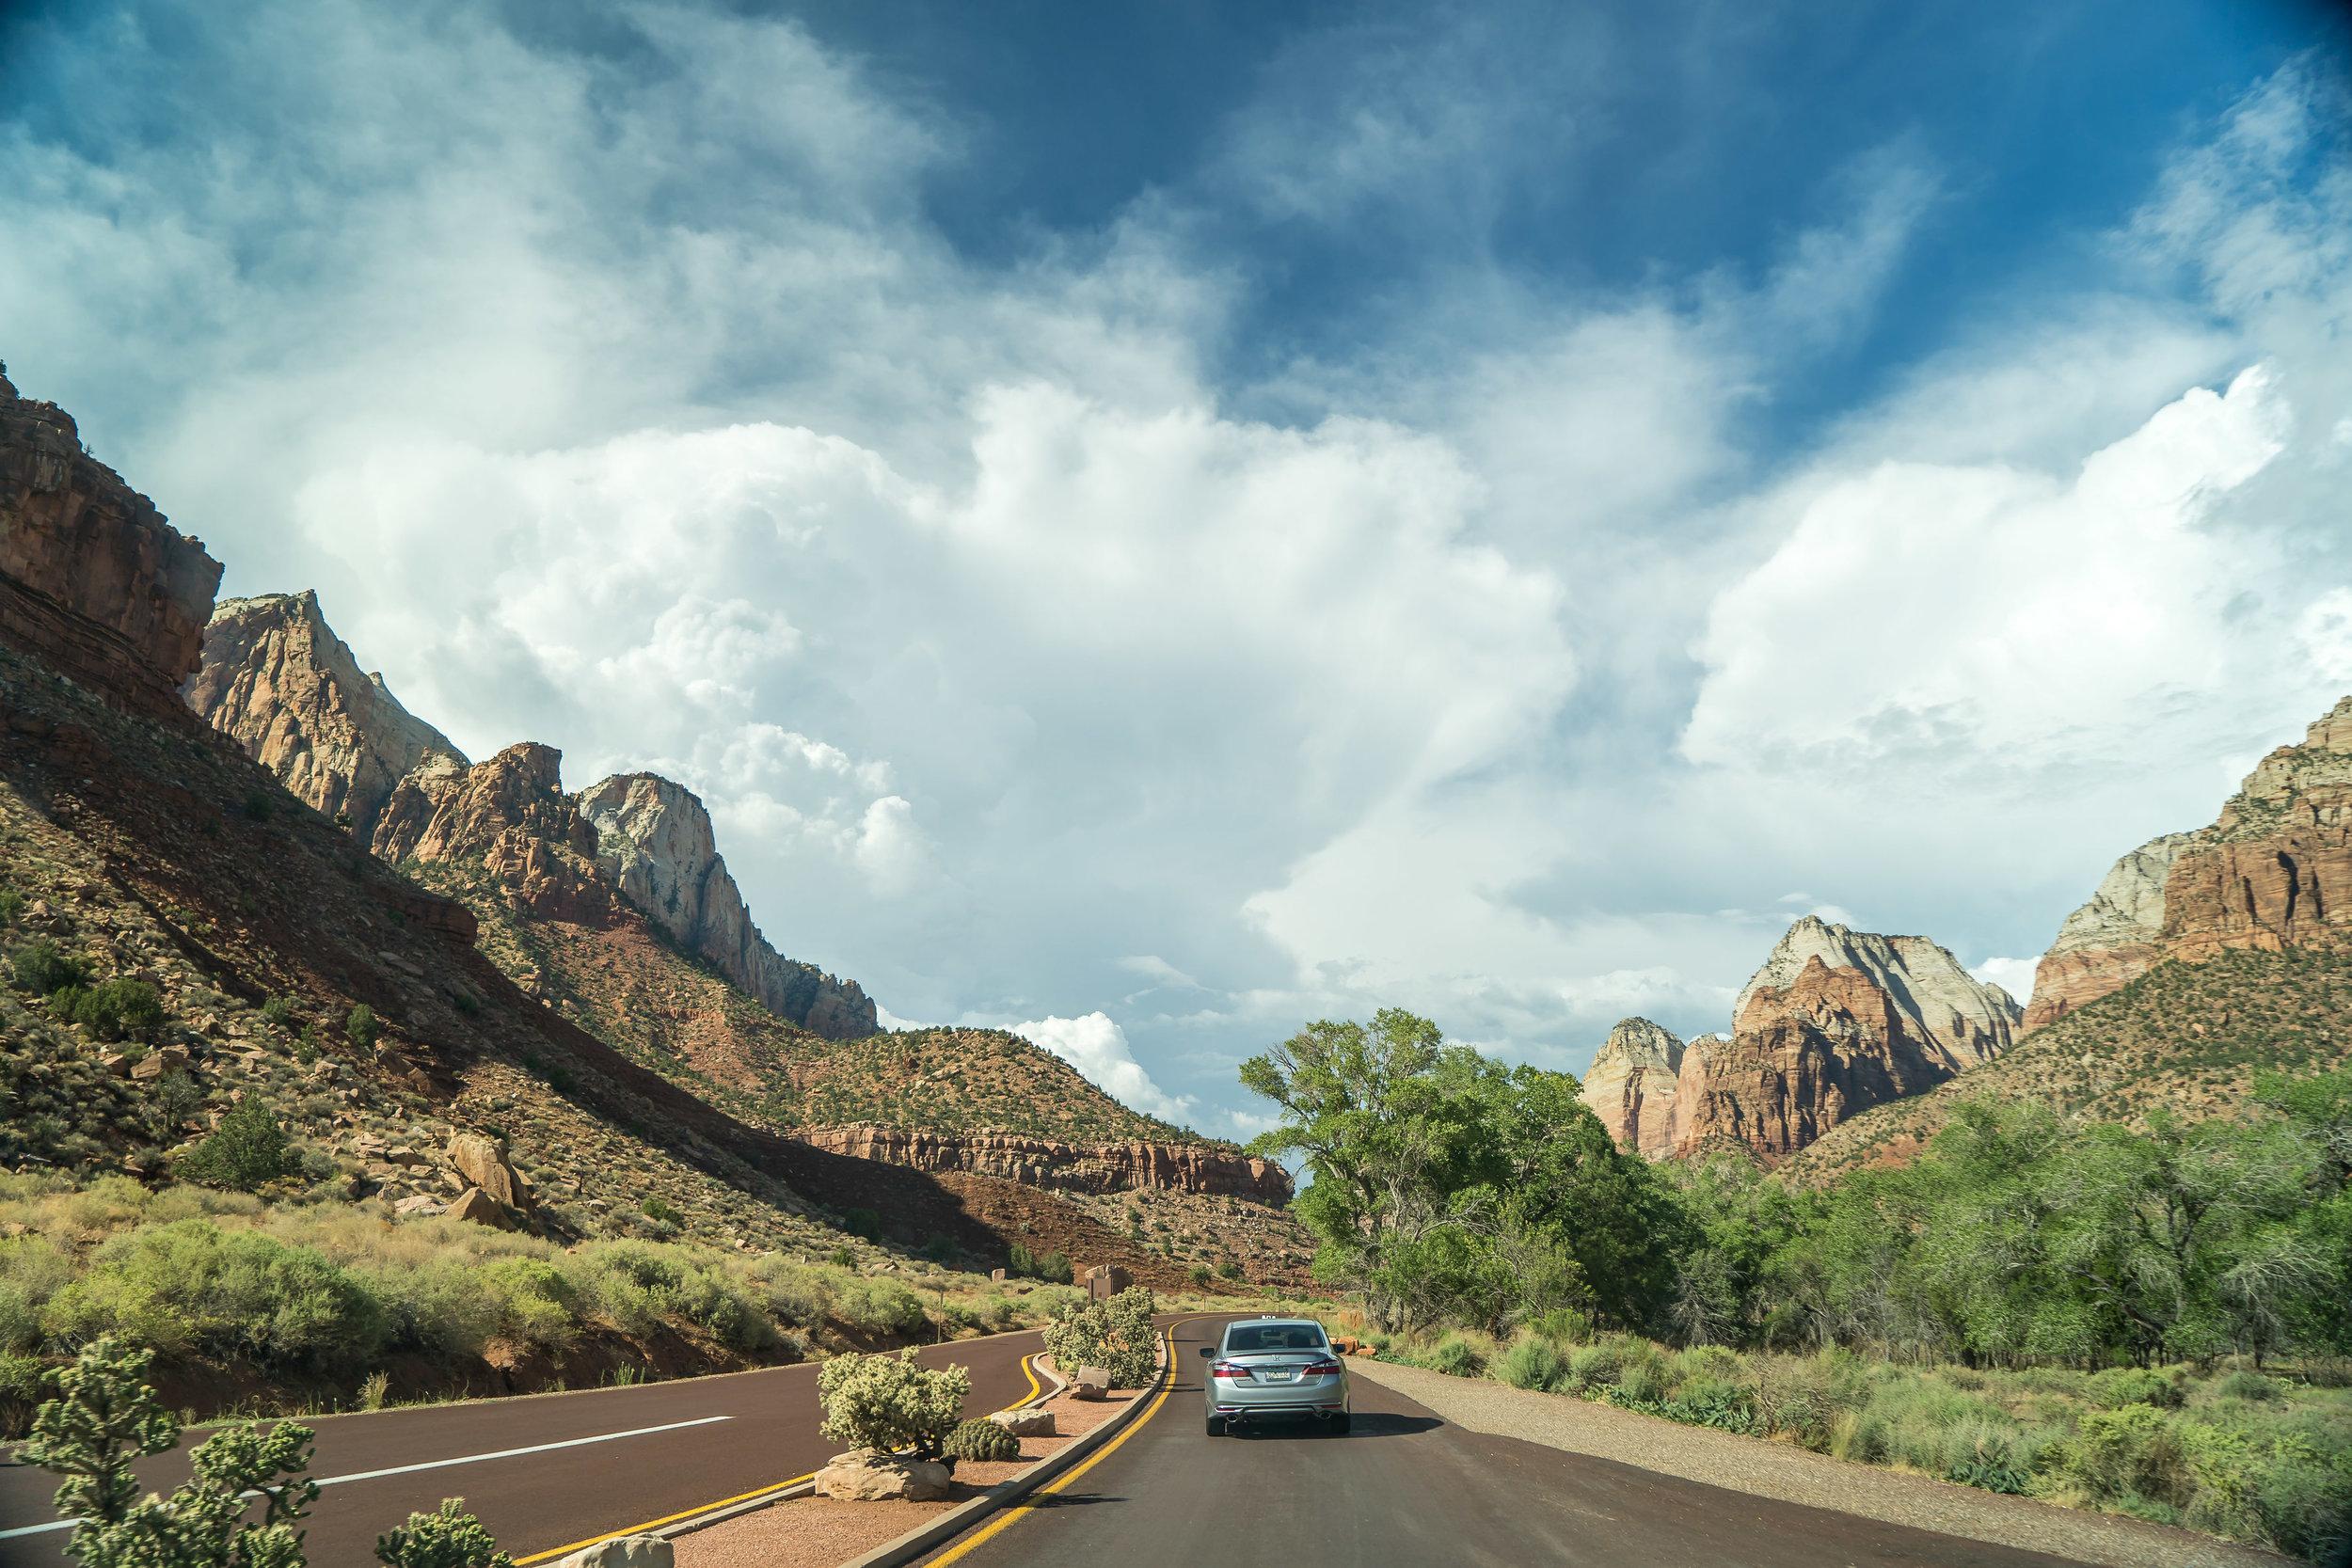 zion_national_park_drive